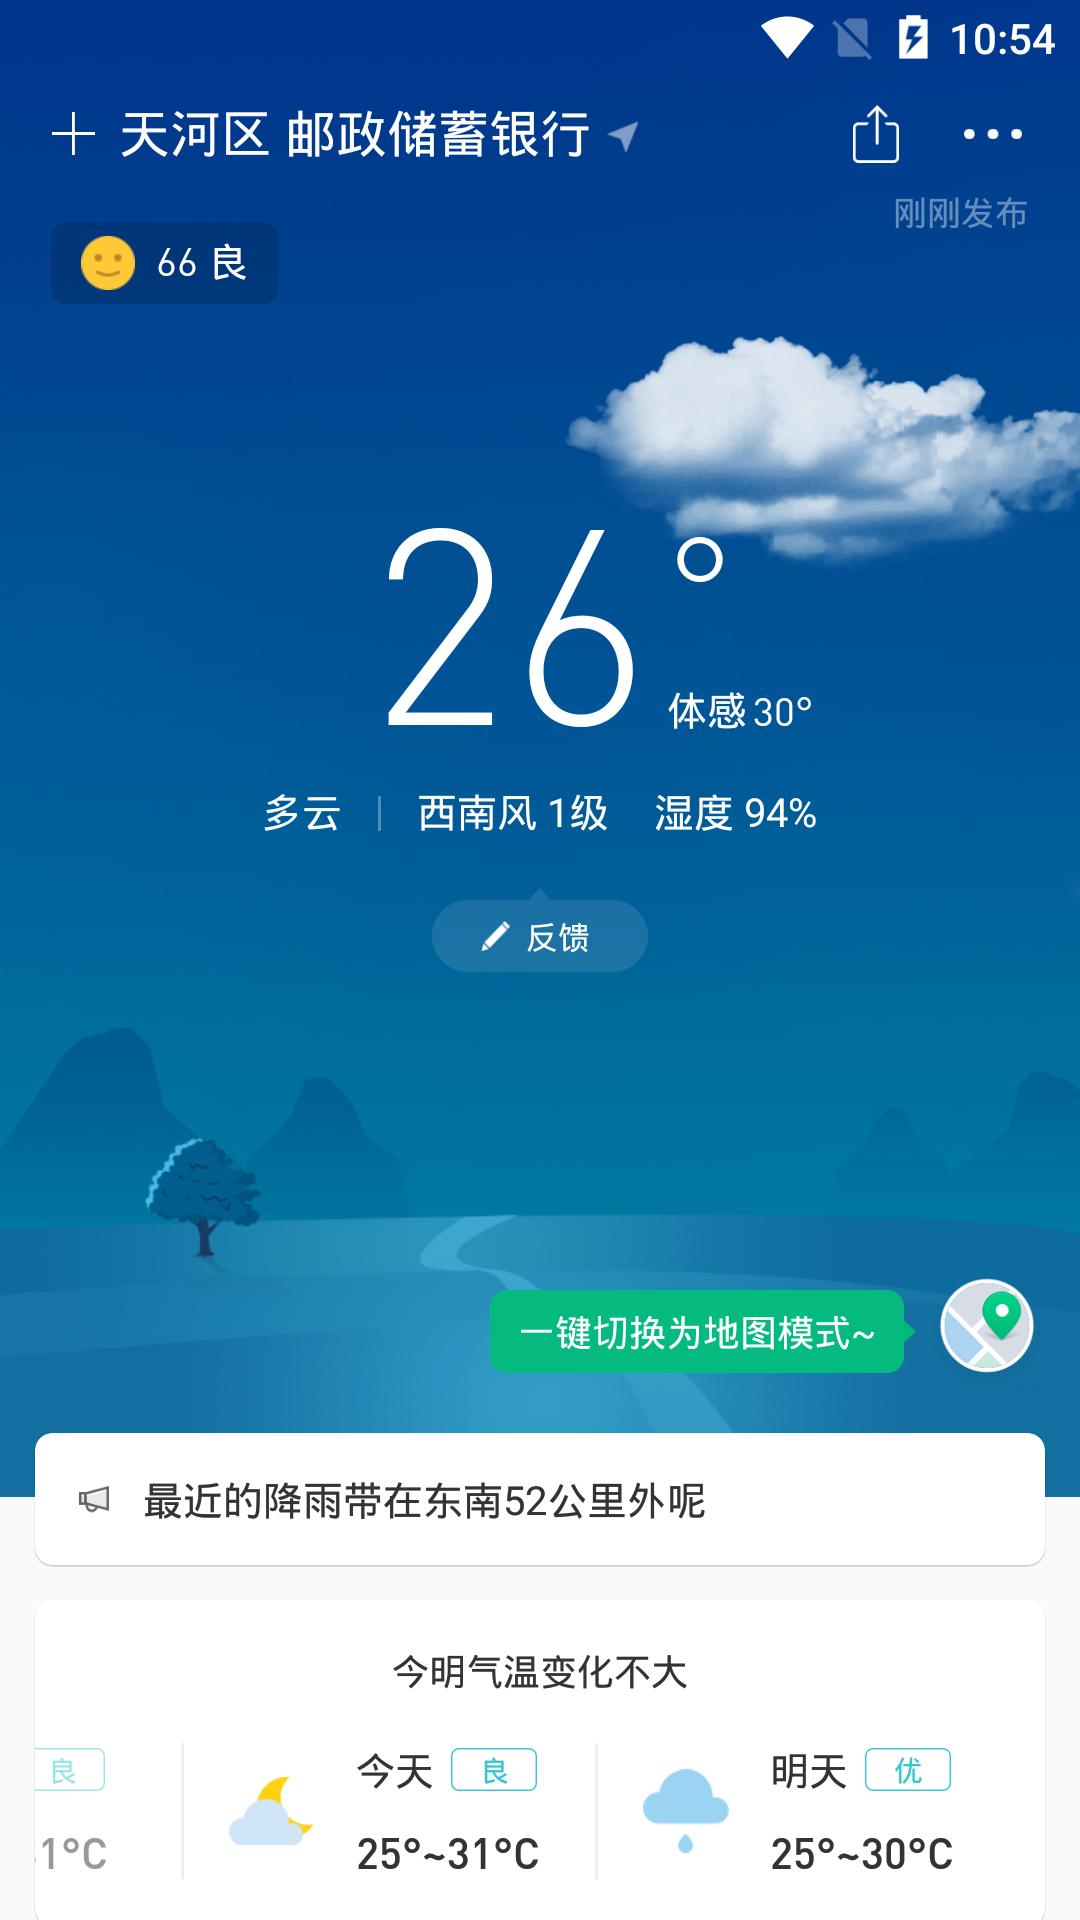 彩云天气V5.0.21会员版 精确到分级的天气预报